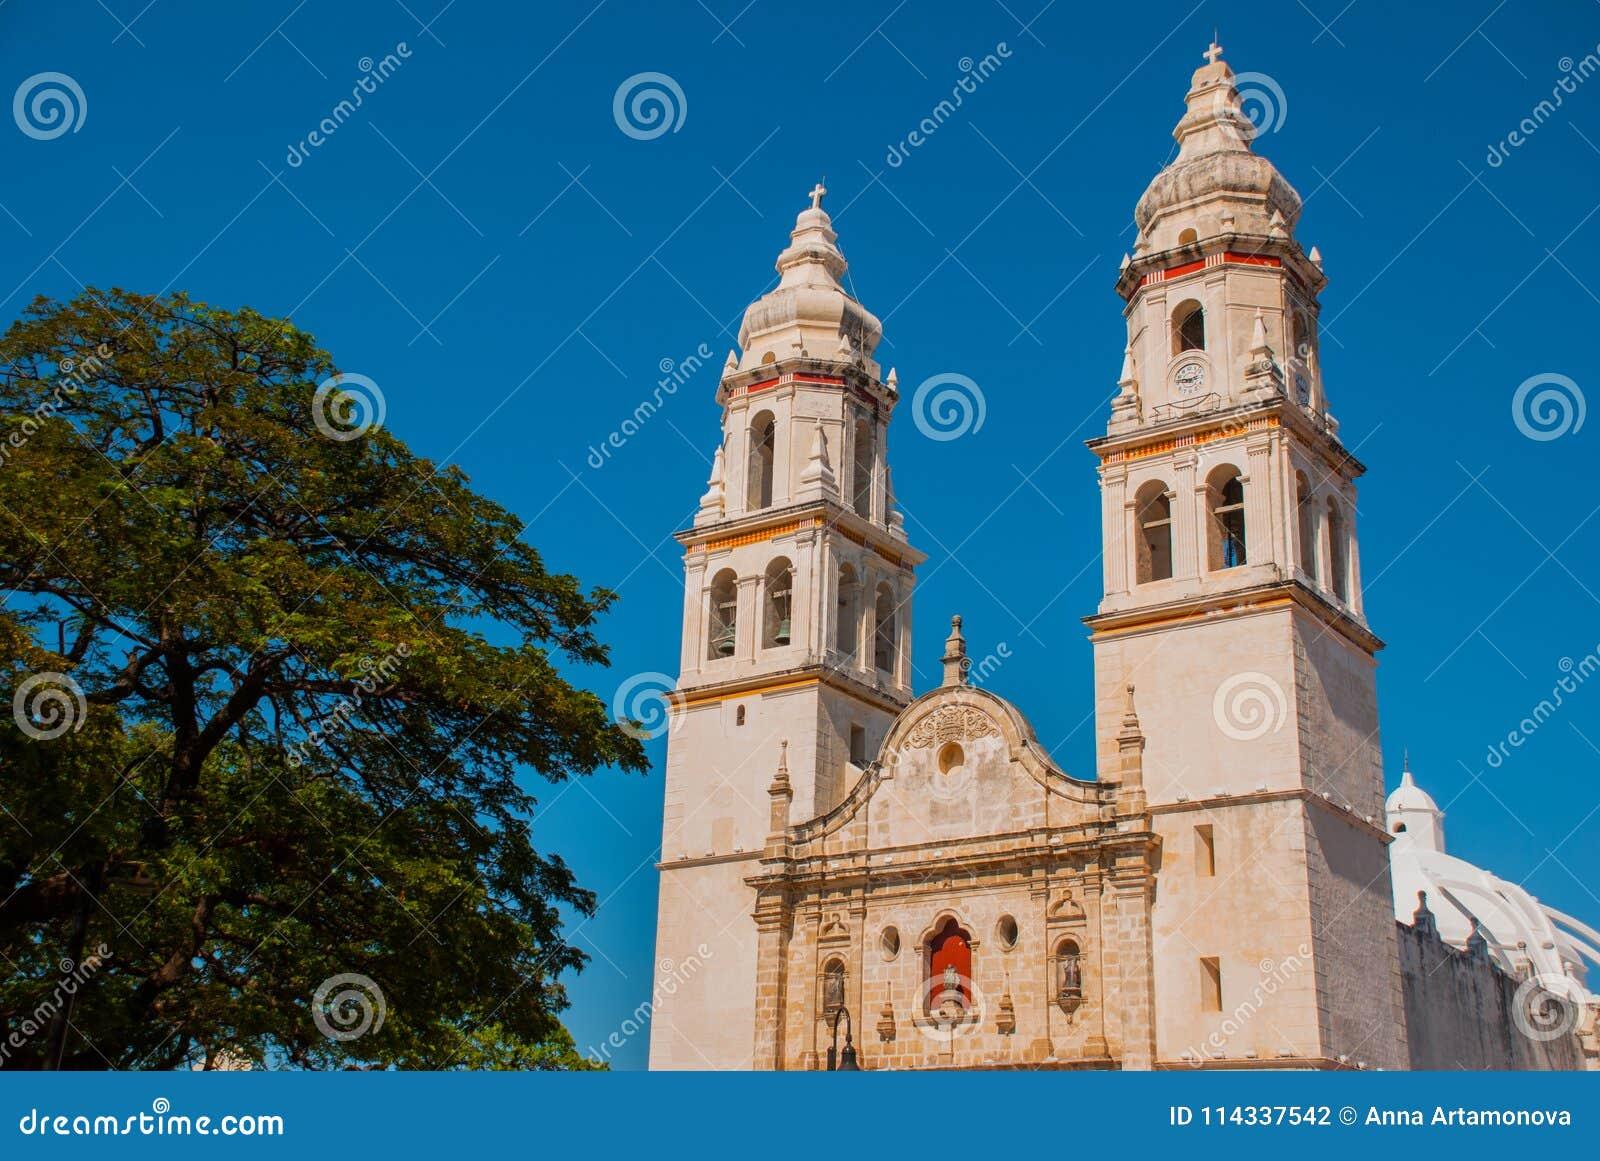 Cathédrale sur le fond du ciel bleu San Francisco de Campeche, Mexique